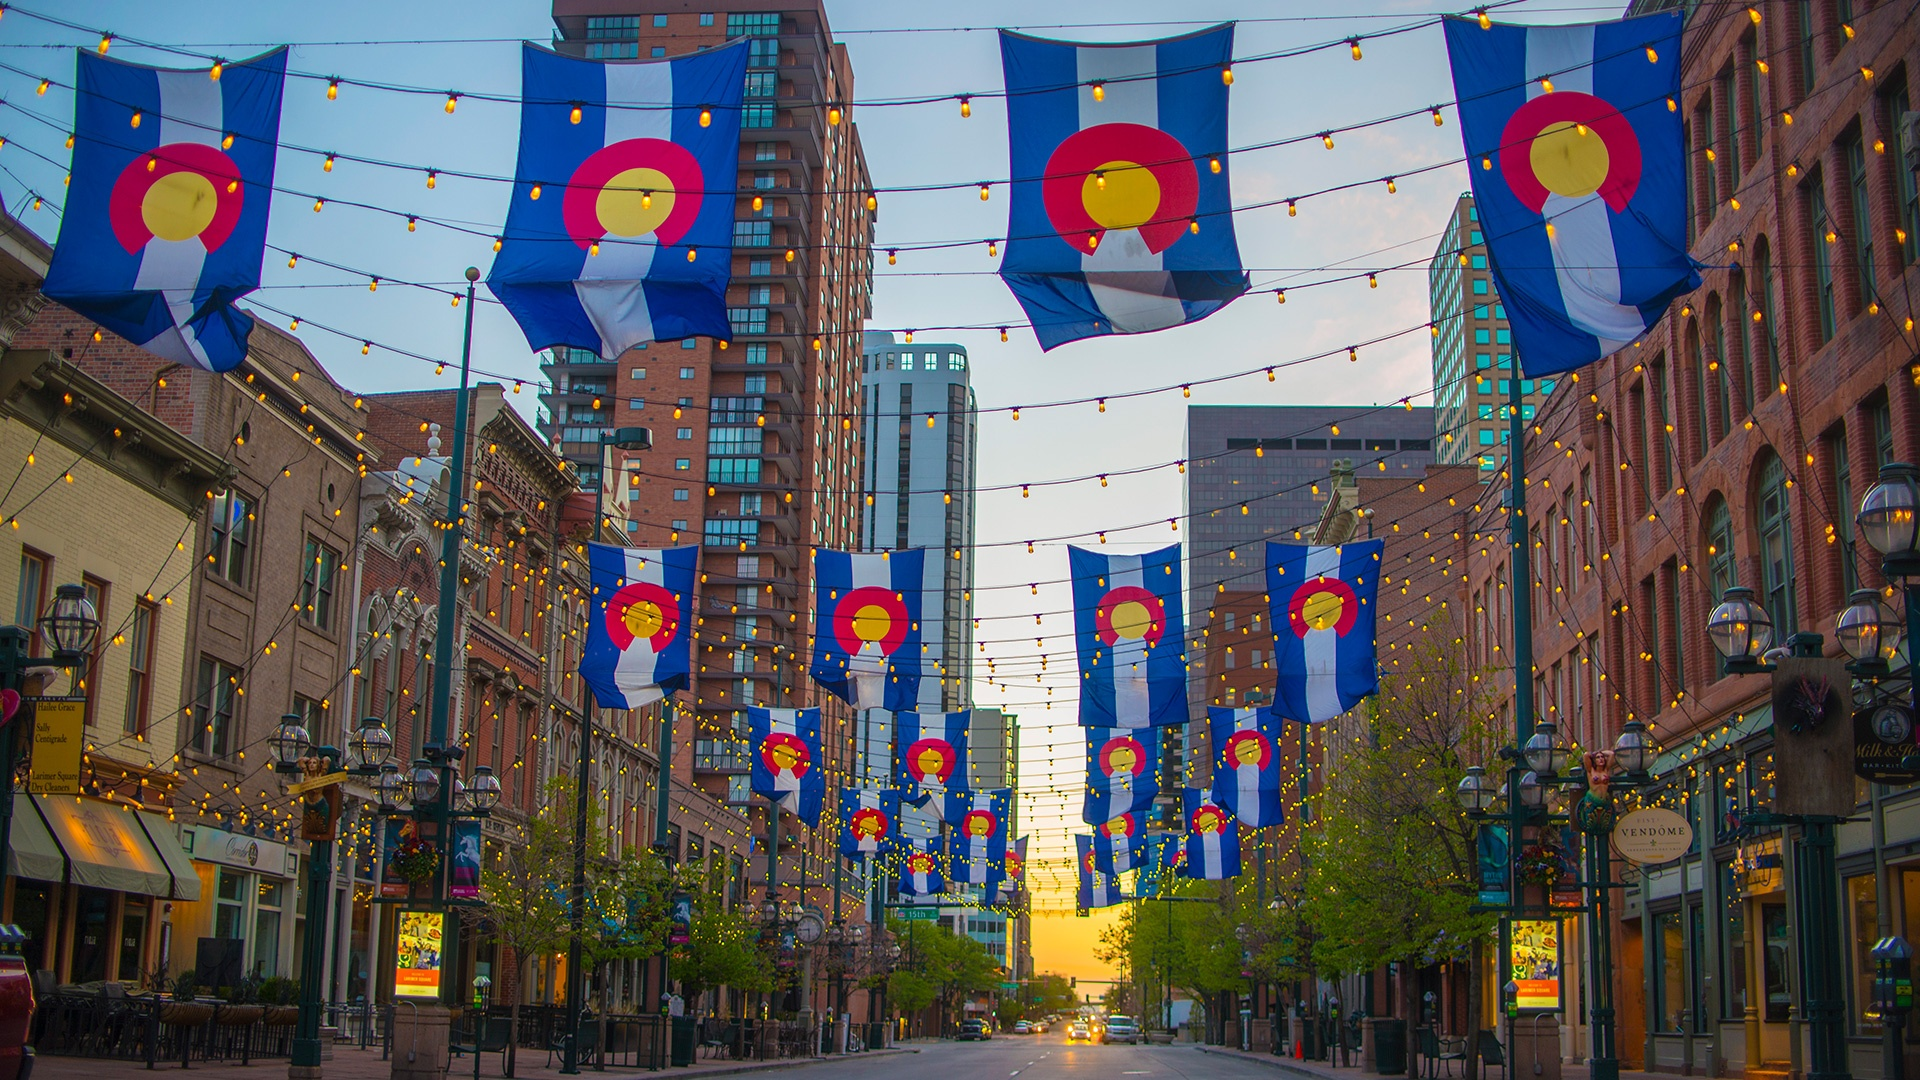 Colorado beer tour: photography by Evan Semon